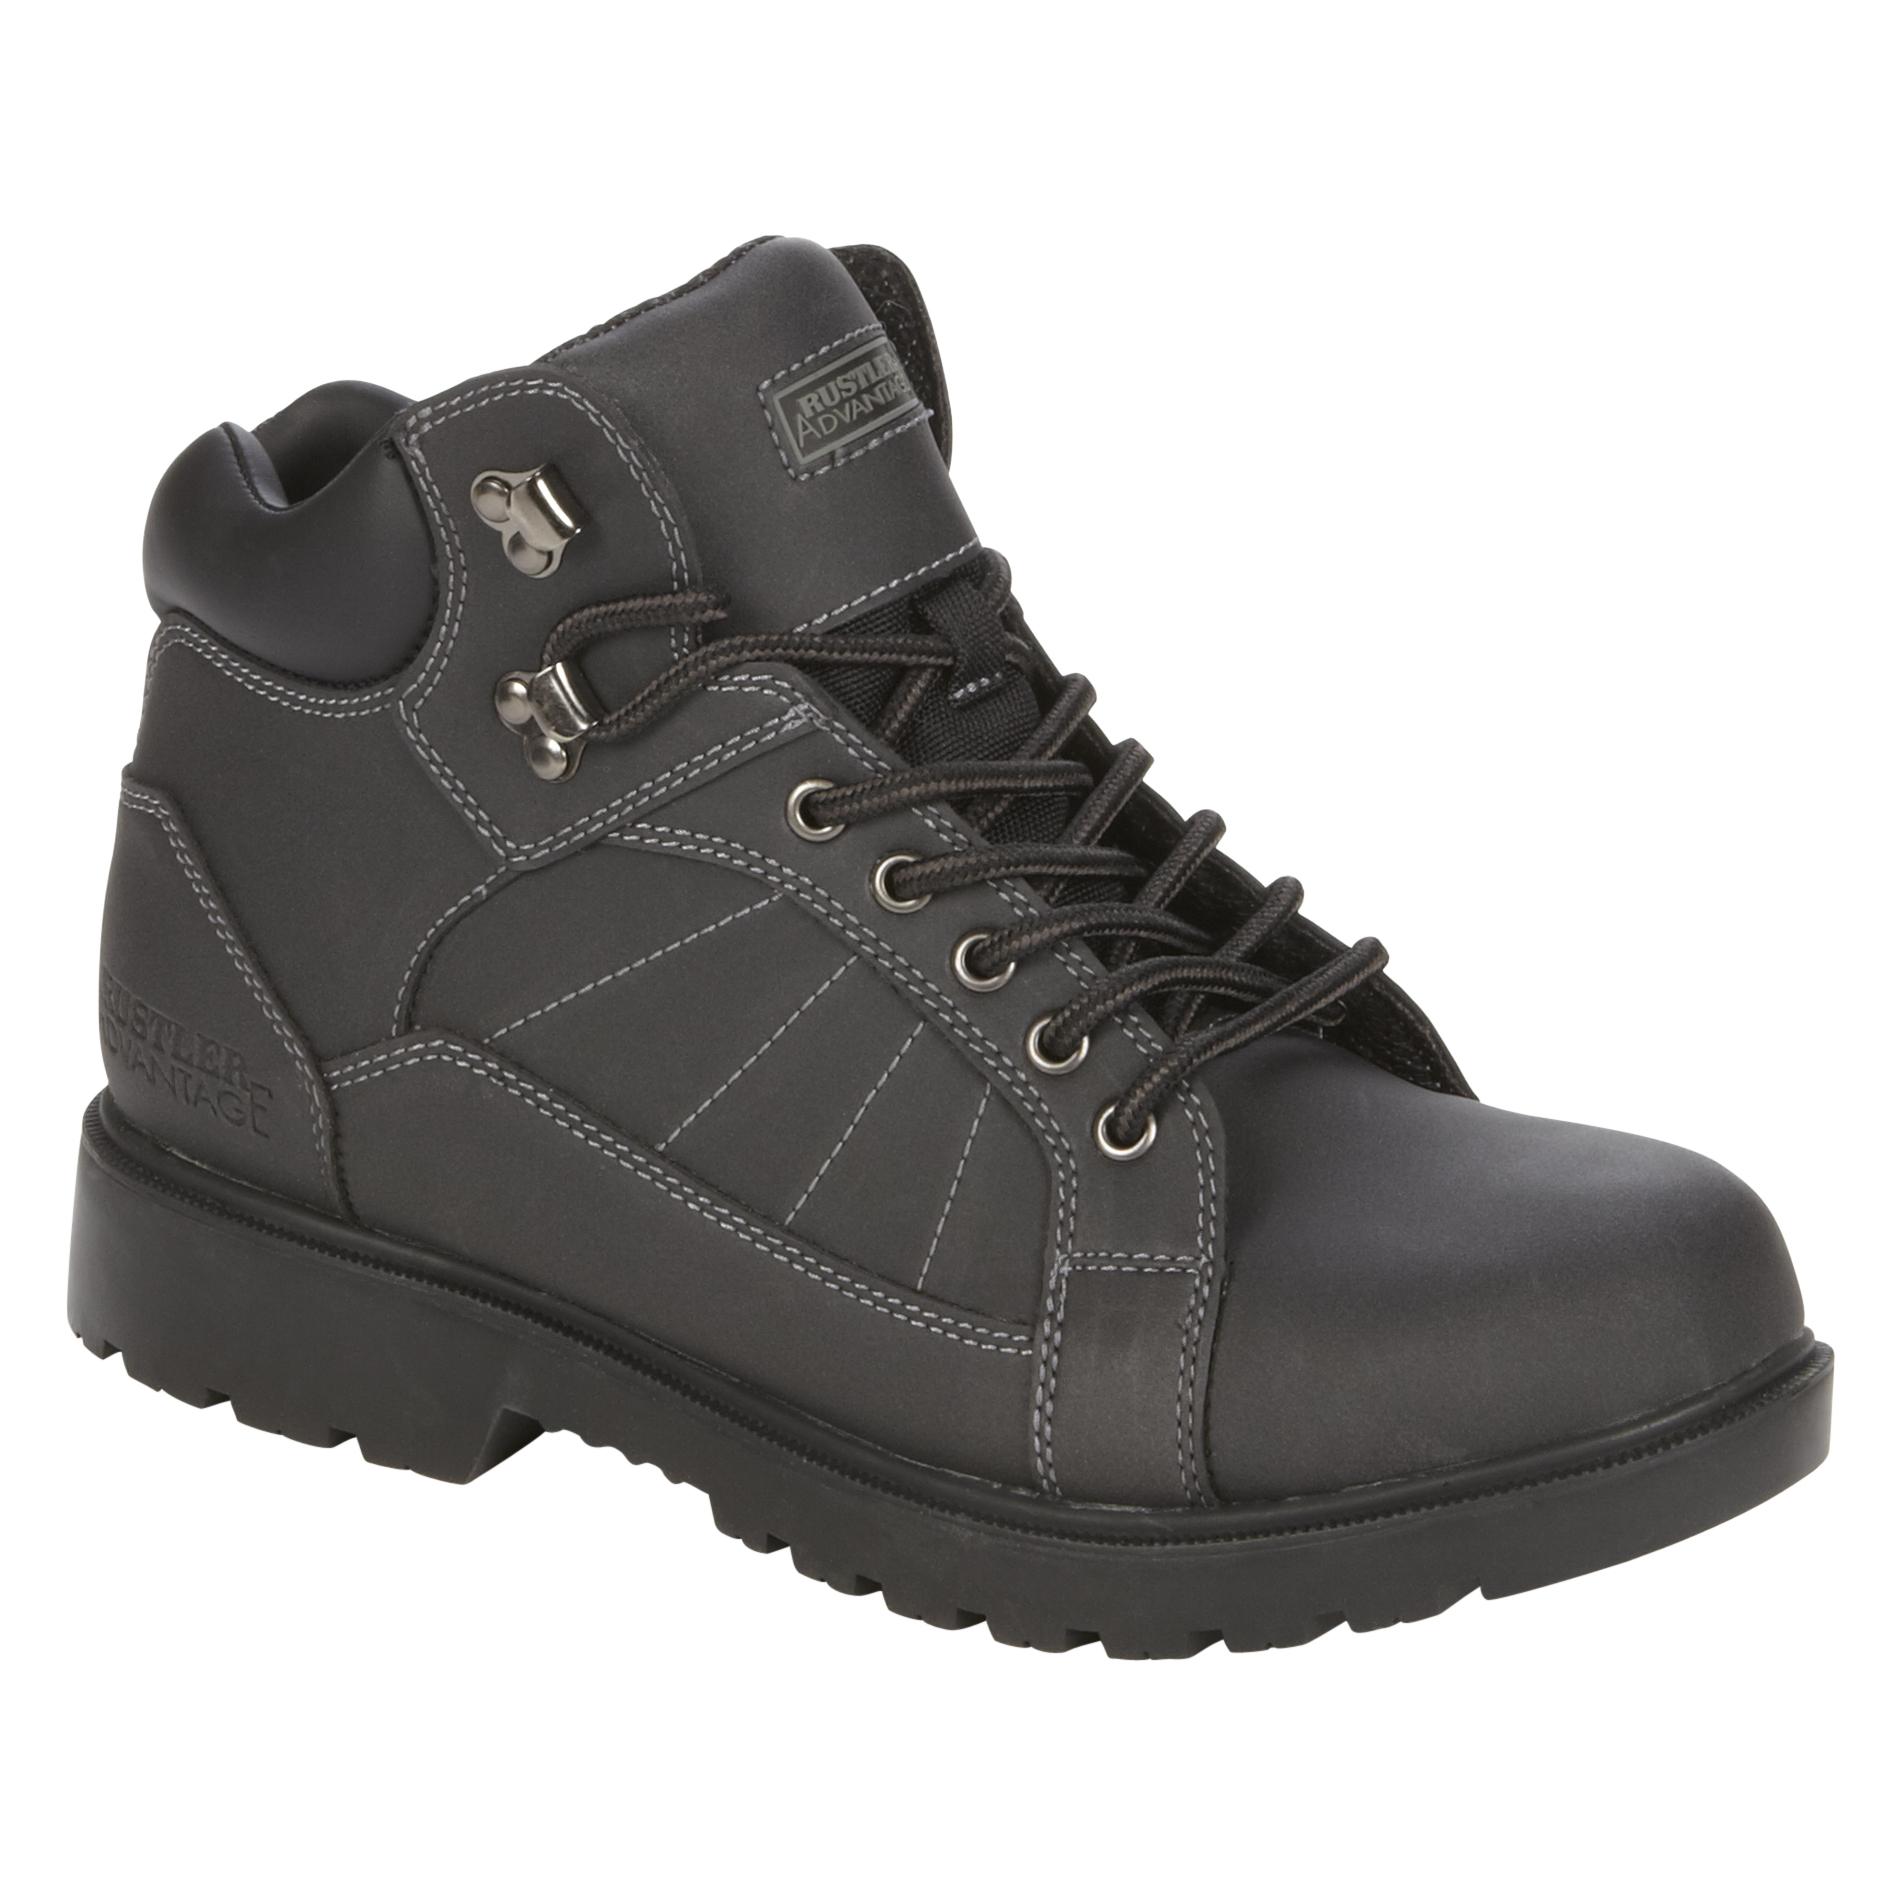 Rustler Men's Work Boot Kmax - Black